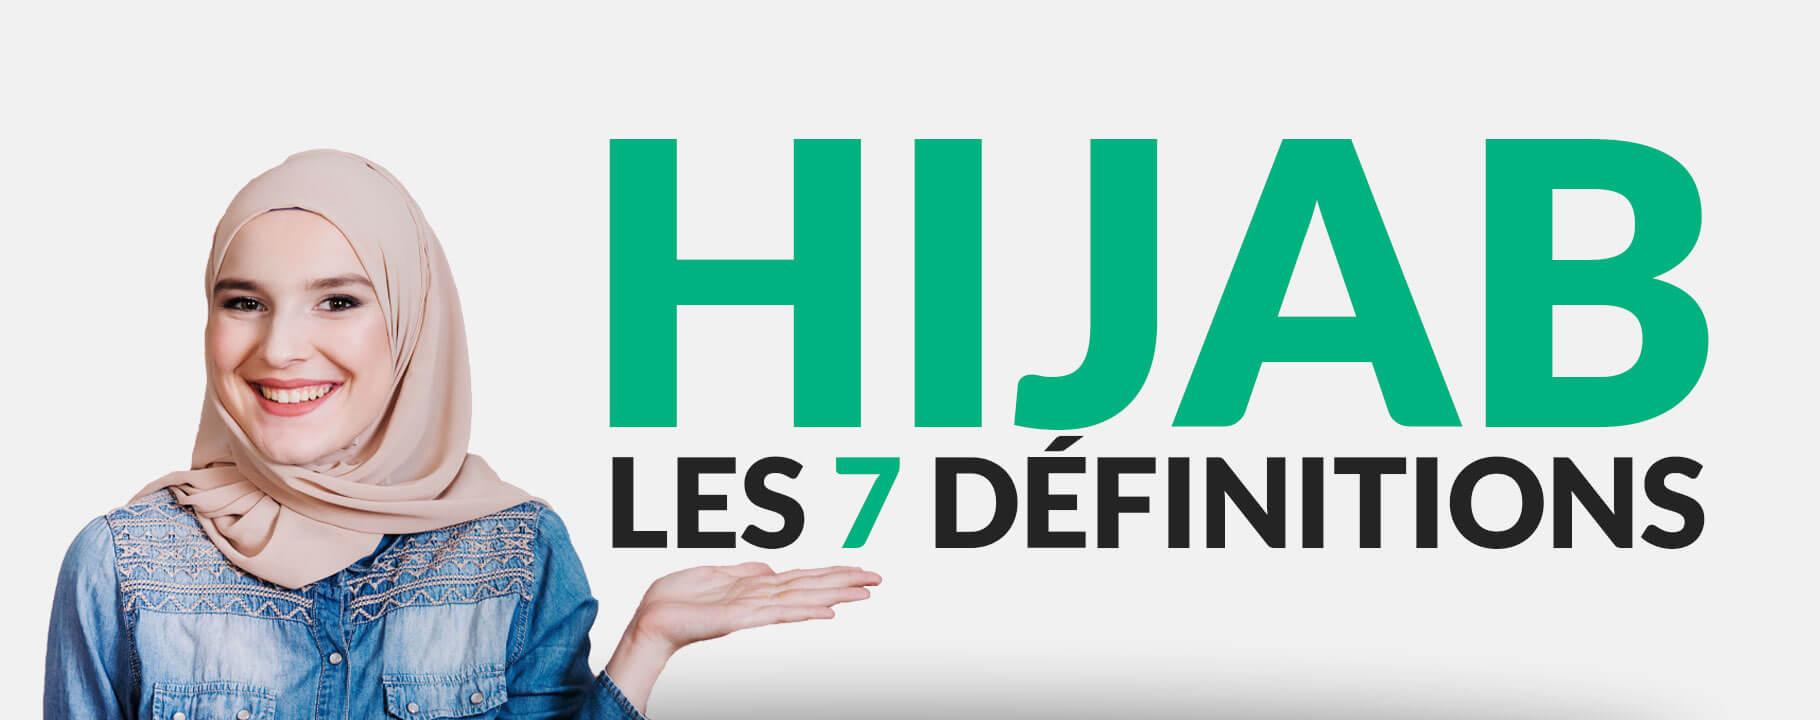 7 définitions du Hijab (Voile islamique)